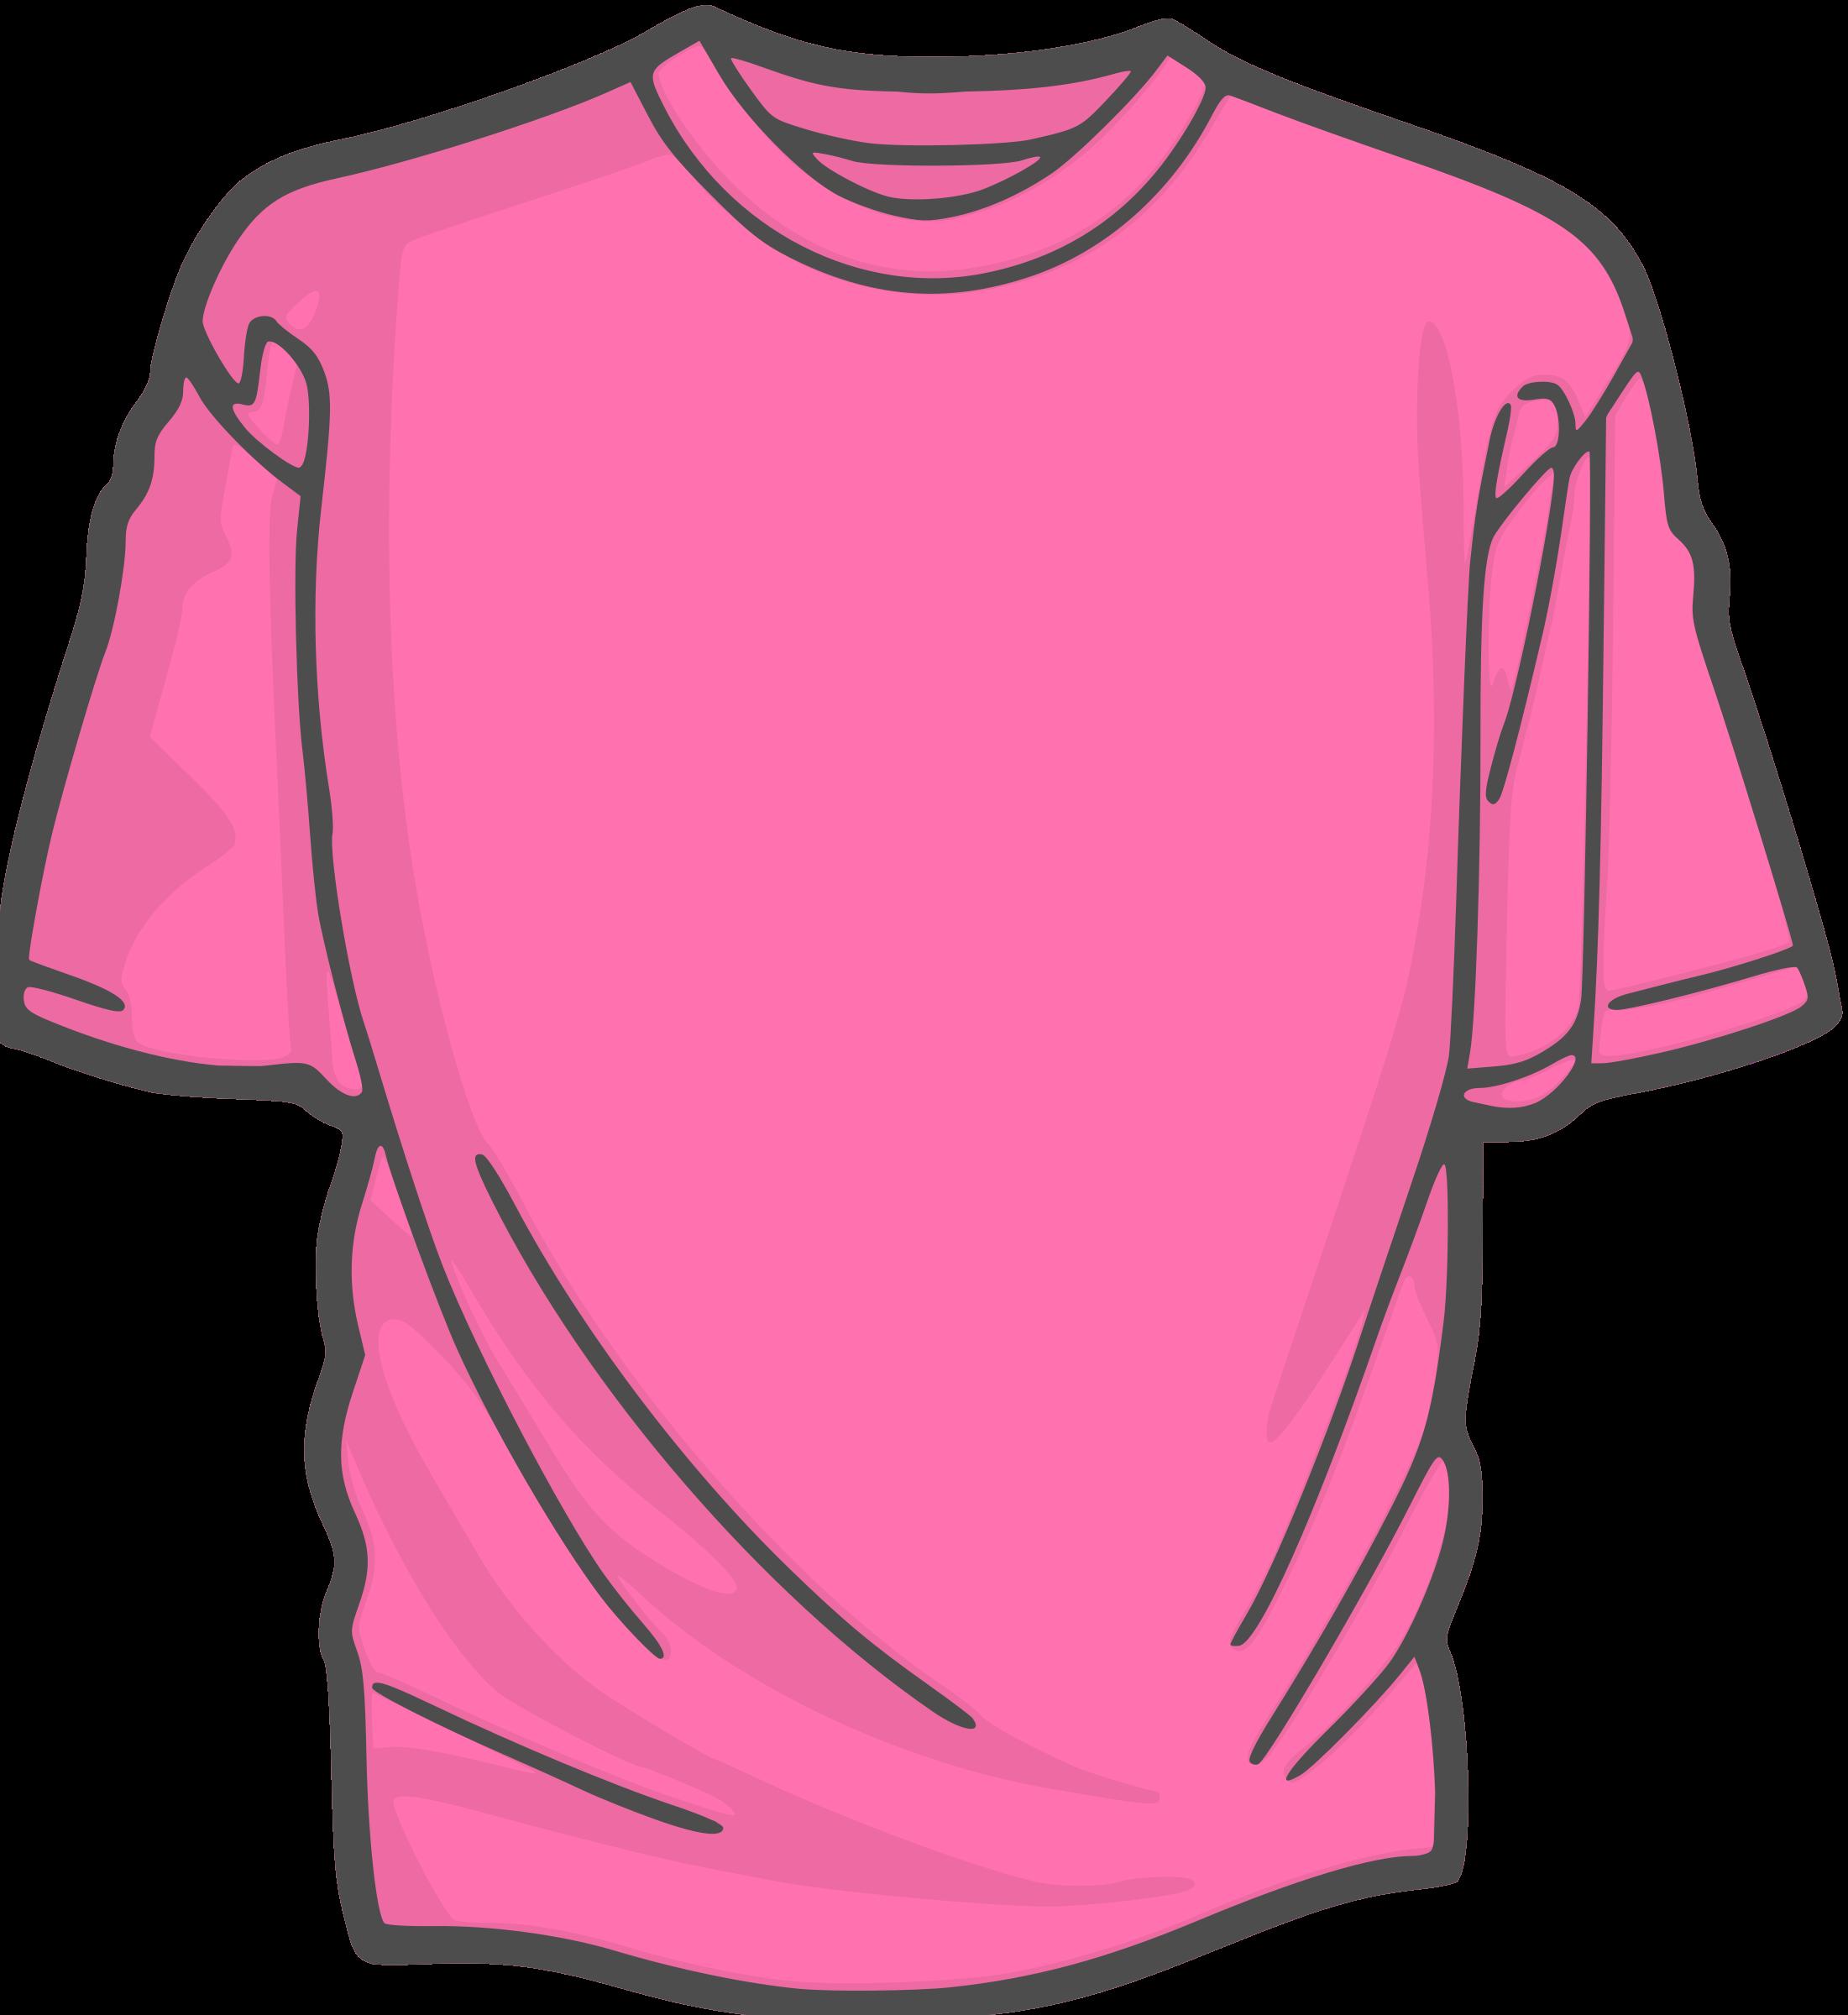 Blank T Shirt Template Clip Art.